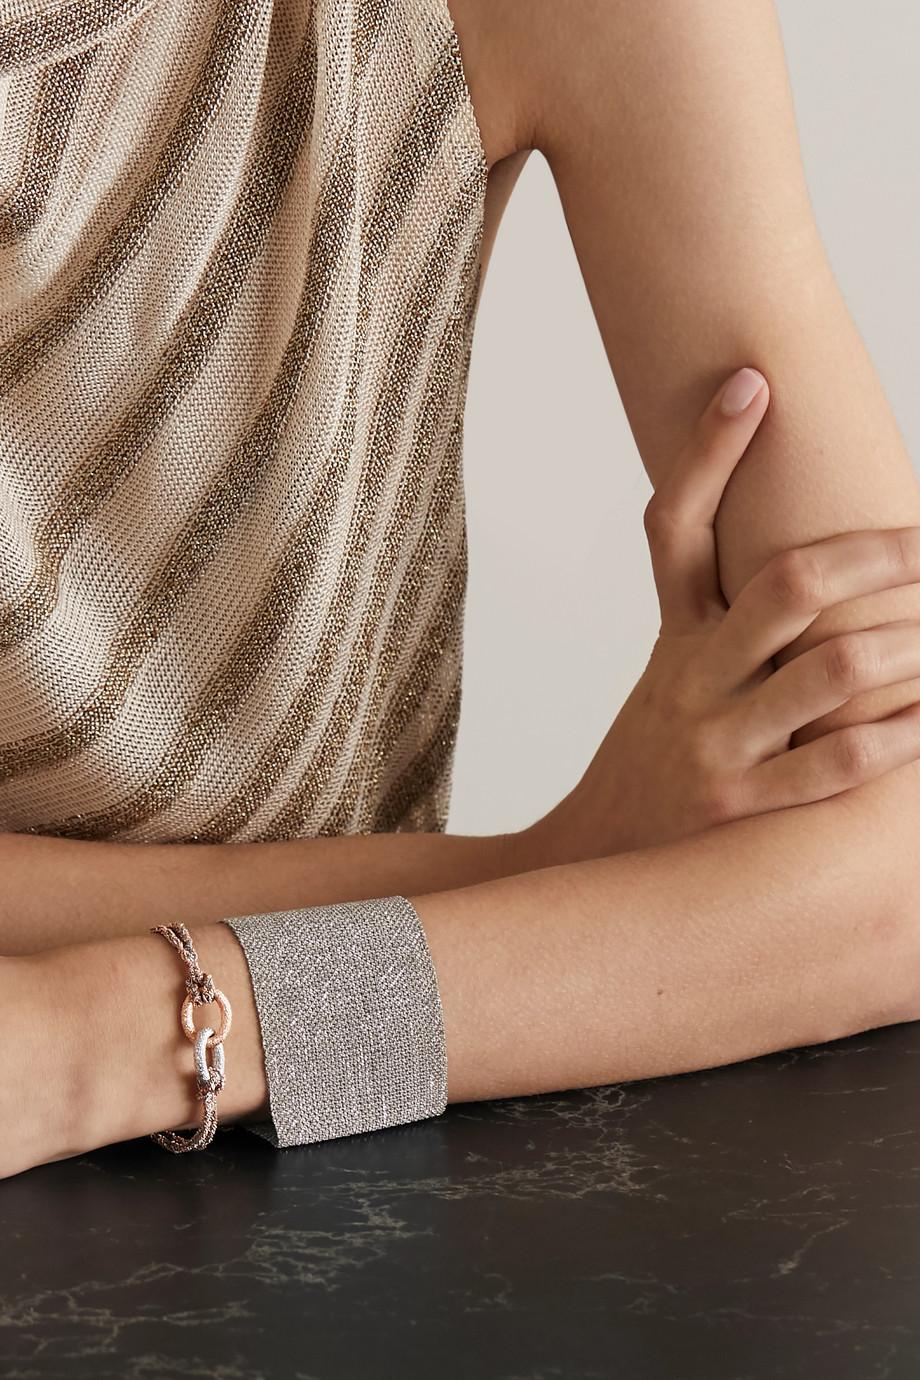 Carolina Bucci Virtue Lucky Armband aus 18 Karat Weiß- und Roségold und Seide